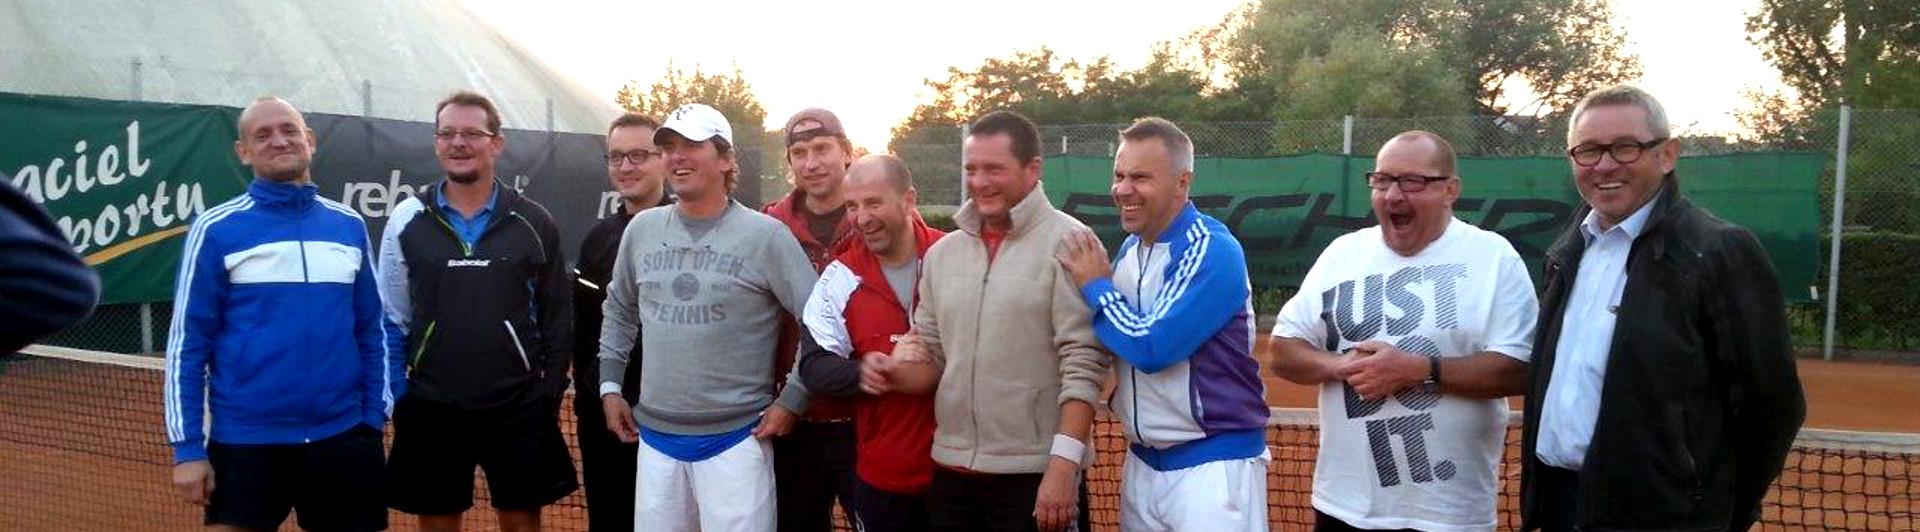 turnieje-tenisa-poznan